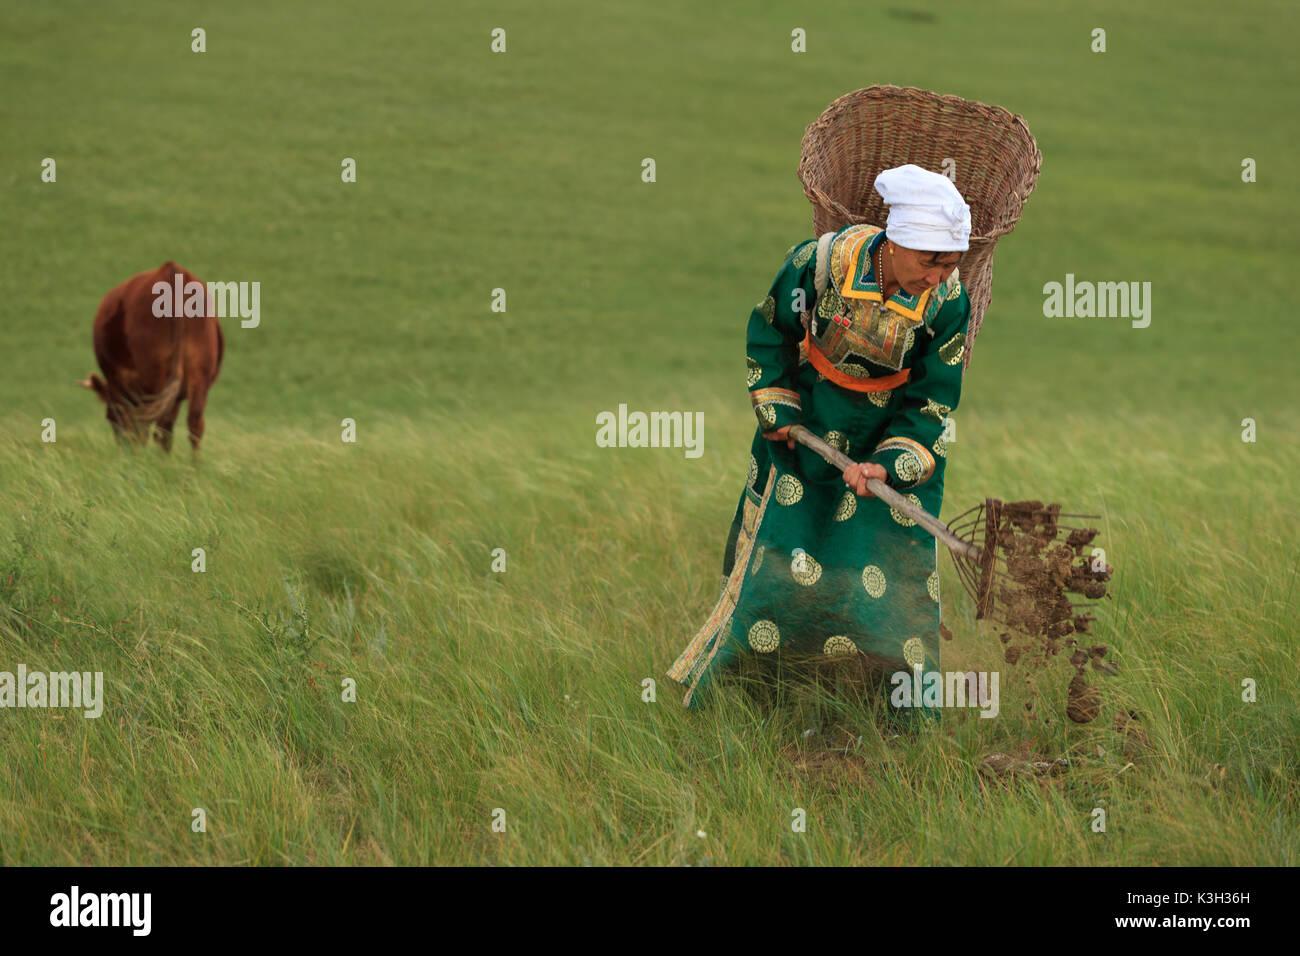 Die innere Mongolei, China-July 31, 2017: Unbekannter nomadisierende mongolische Frau sammelt die Kuhmist in Ihren Korb auf den Rücken, um zu rasen o vorbereiten Stockbild